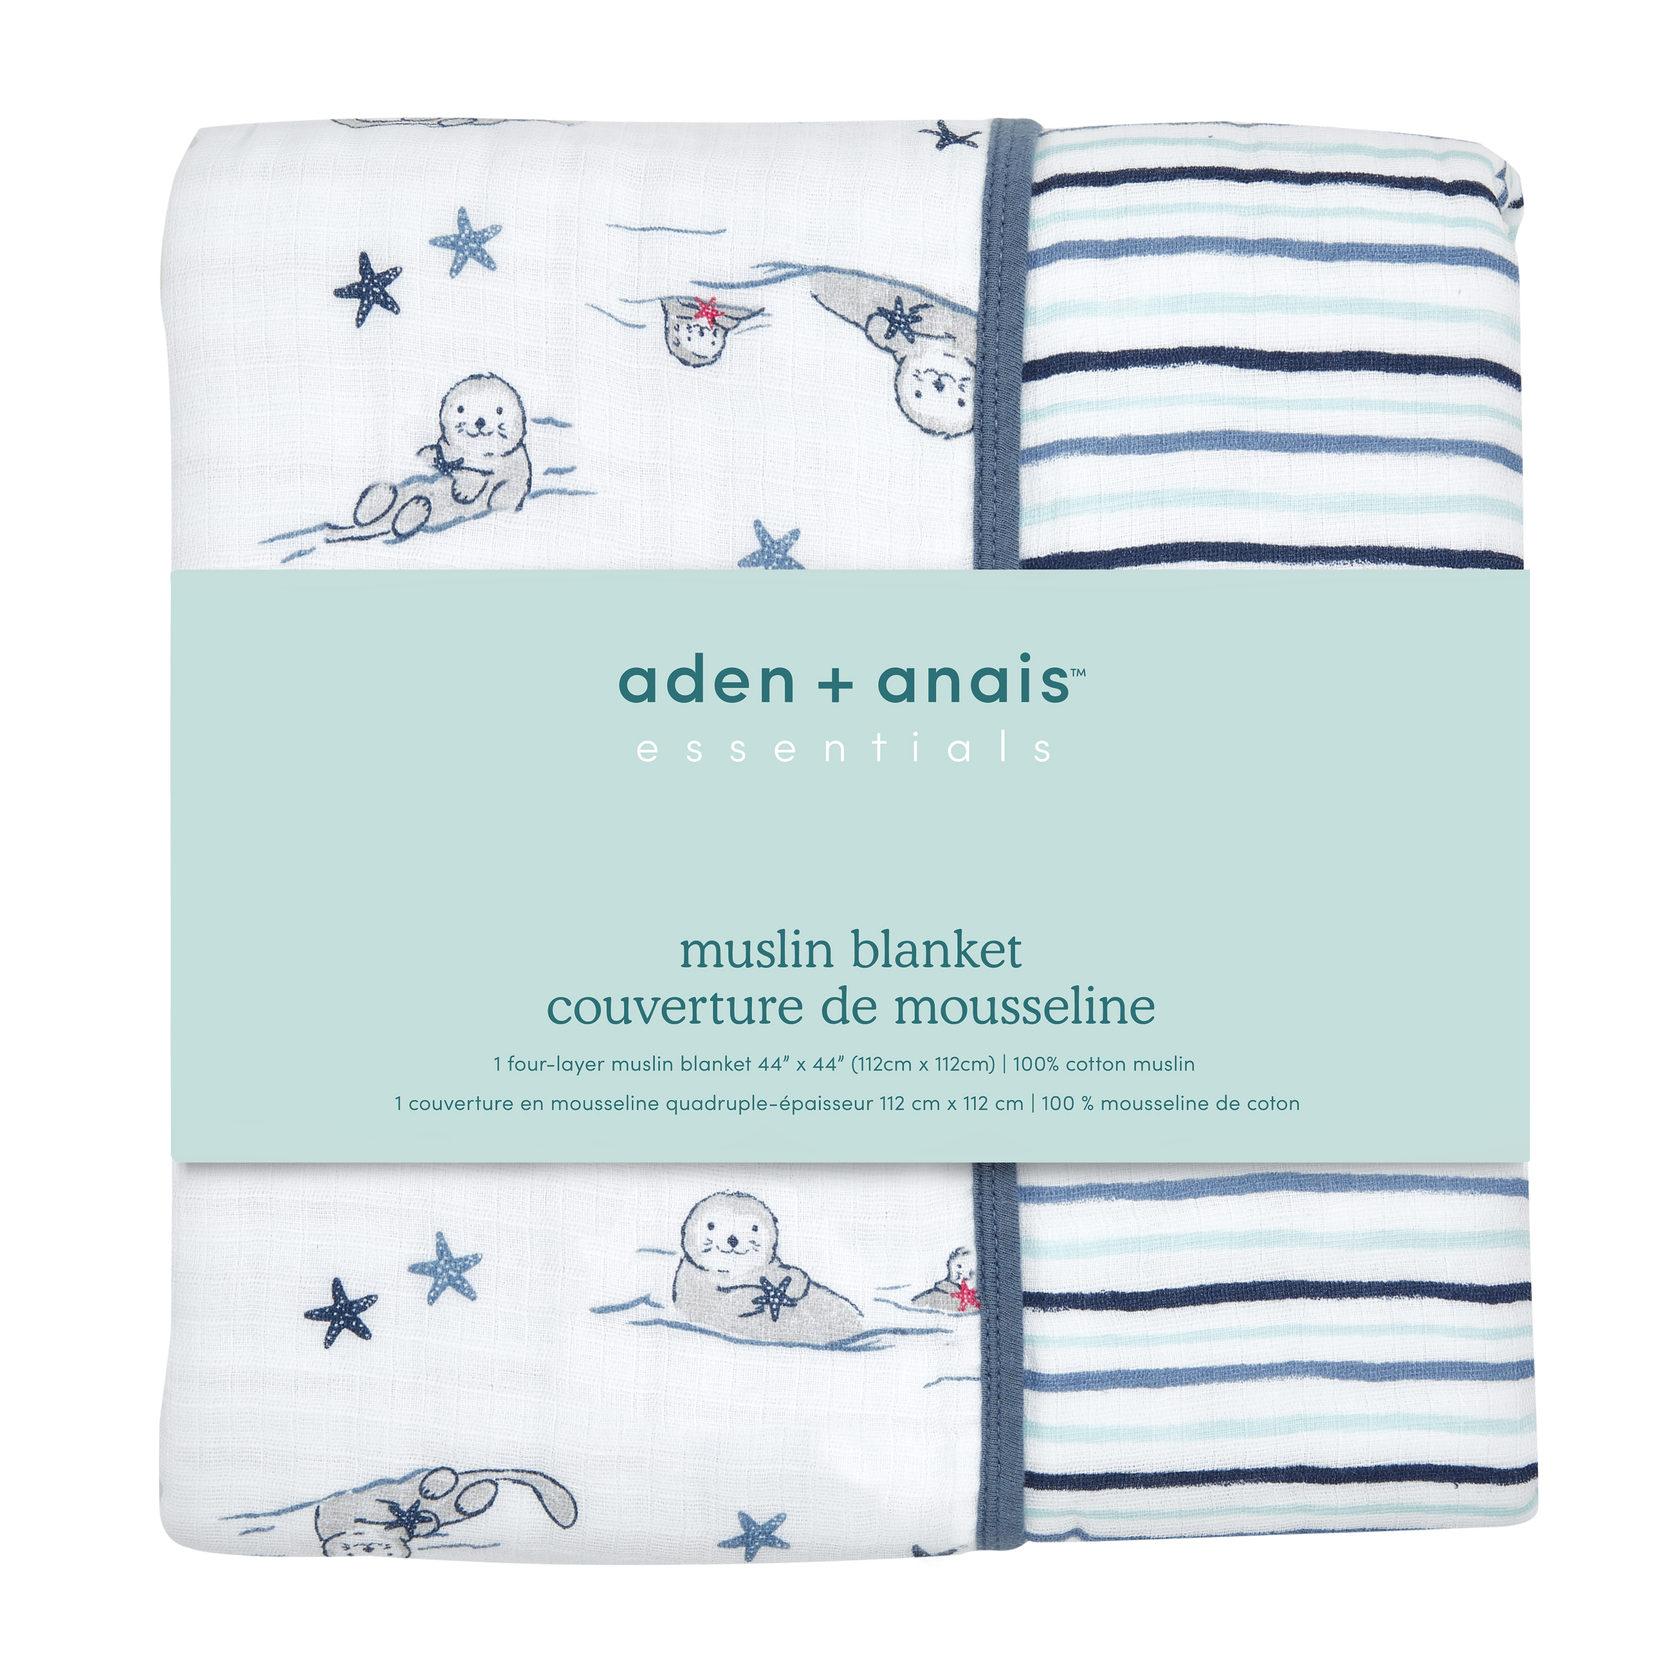 Одеяло из муслина Seashore 112х112 otters